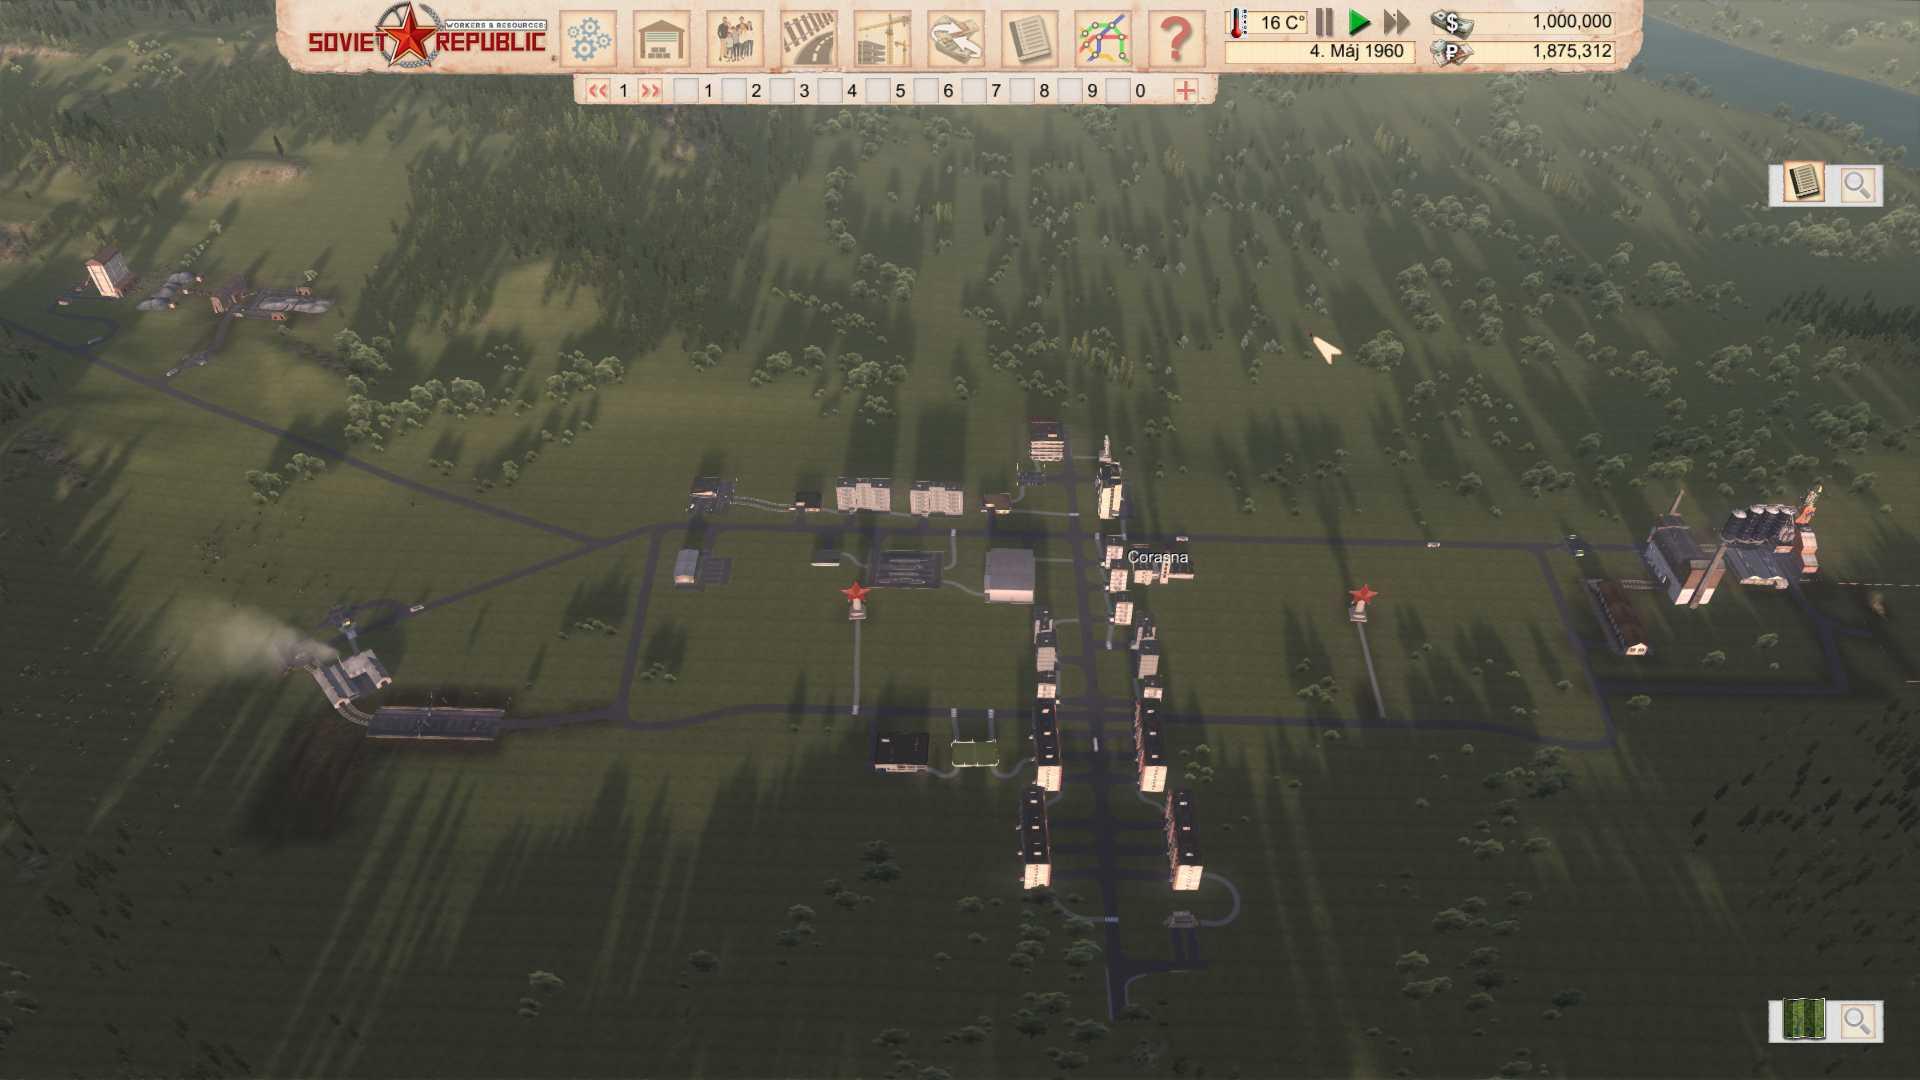 Pri plánovaní výstavby sme dbali na to, aby boli obytné zóny v centre a priemyselné parky na okraji.